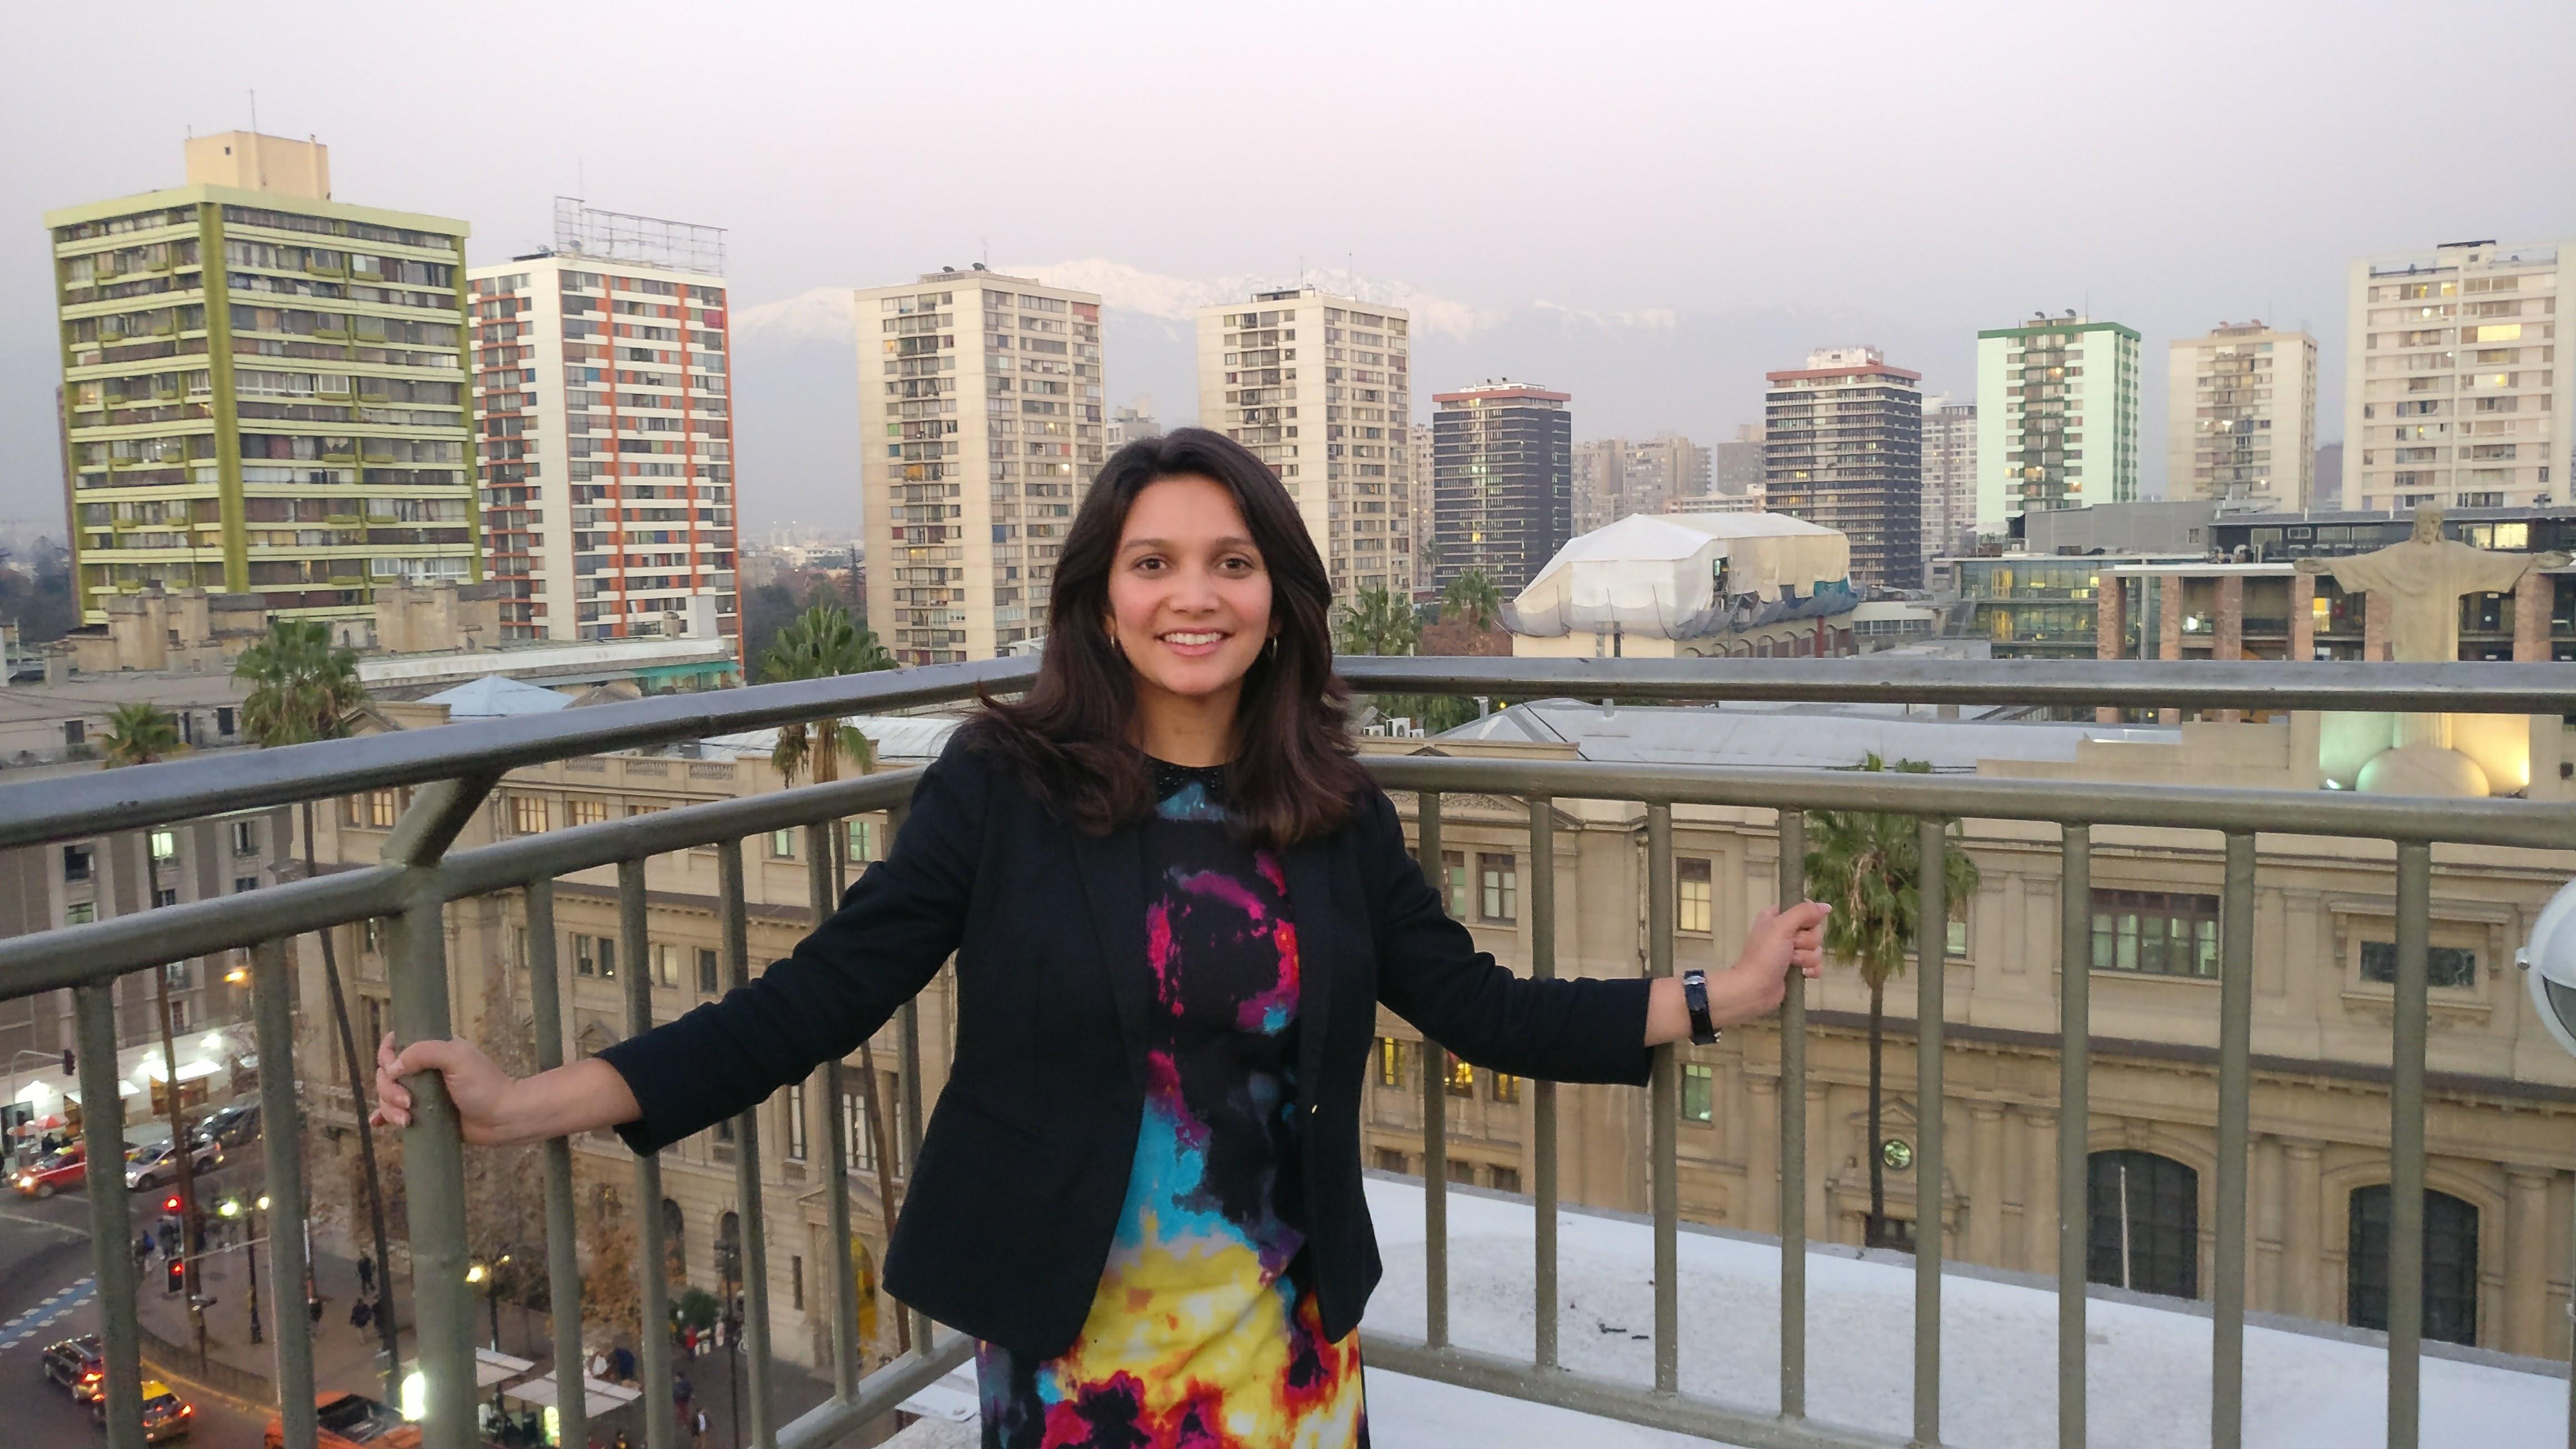 Andreana Castellanos, la fundadora de Afinidata es guatemalteca con un MBA obtenido en Estados Unidos, a través de una beca Fulbright: